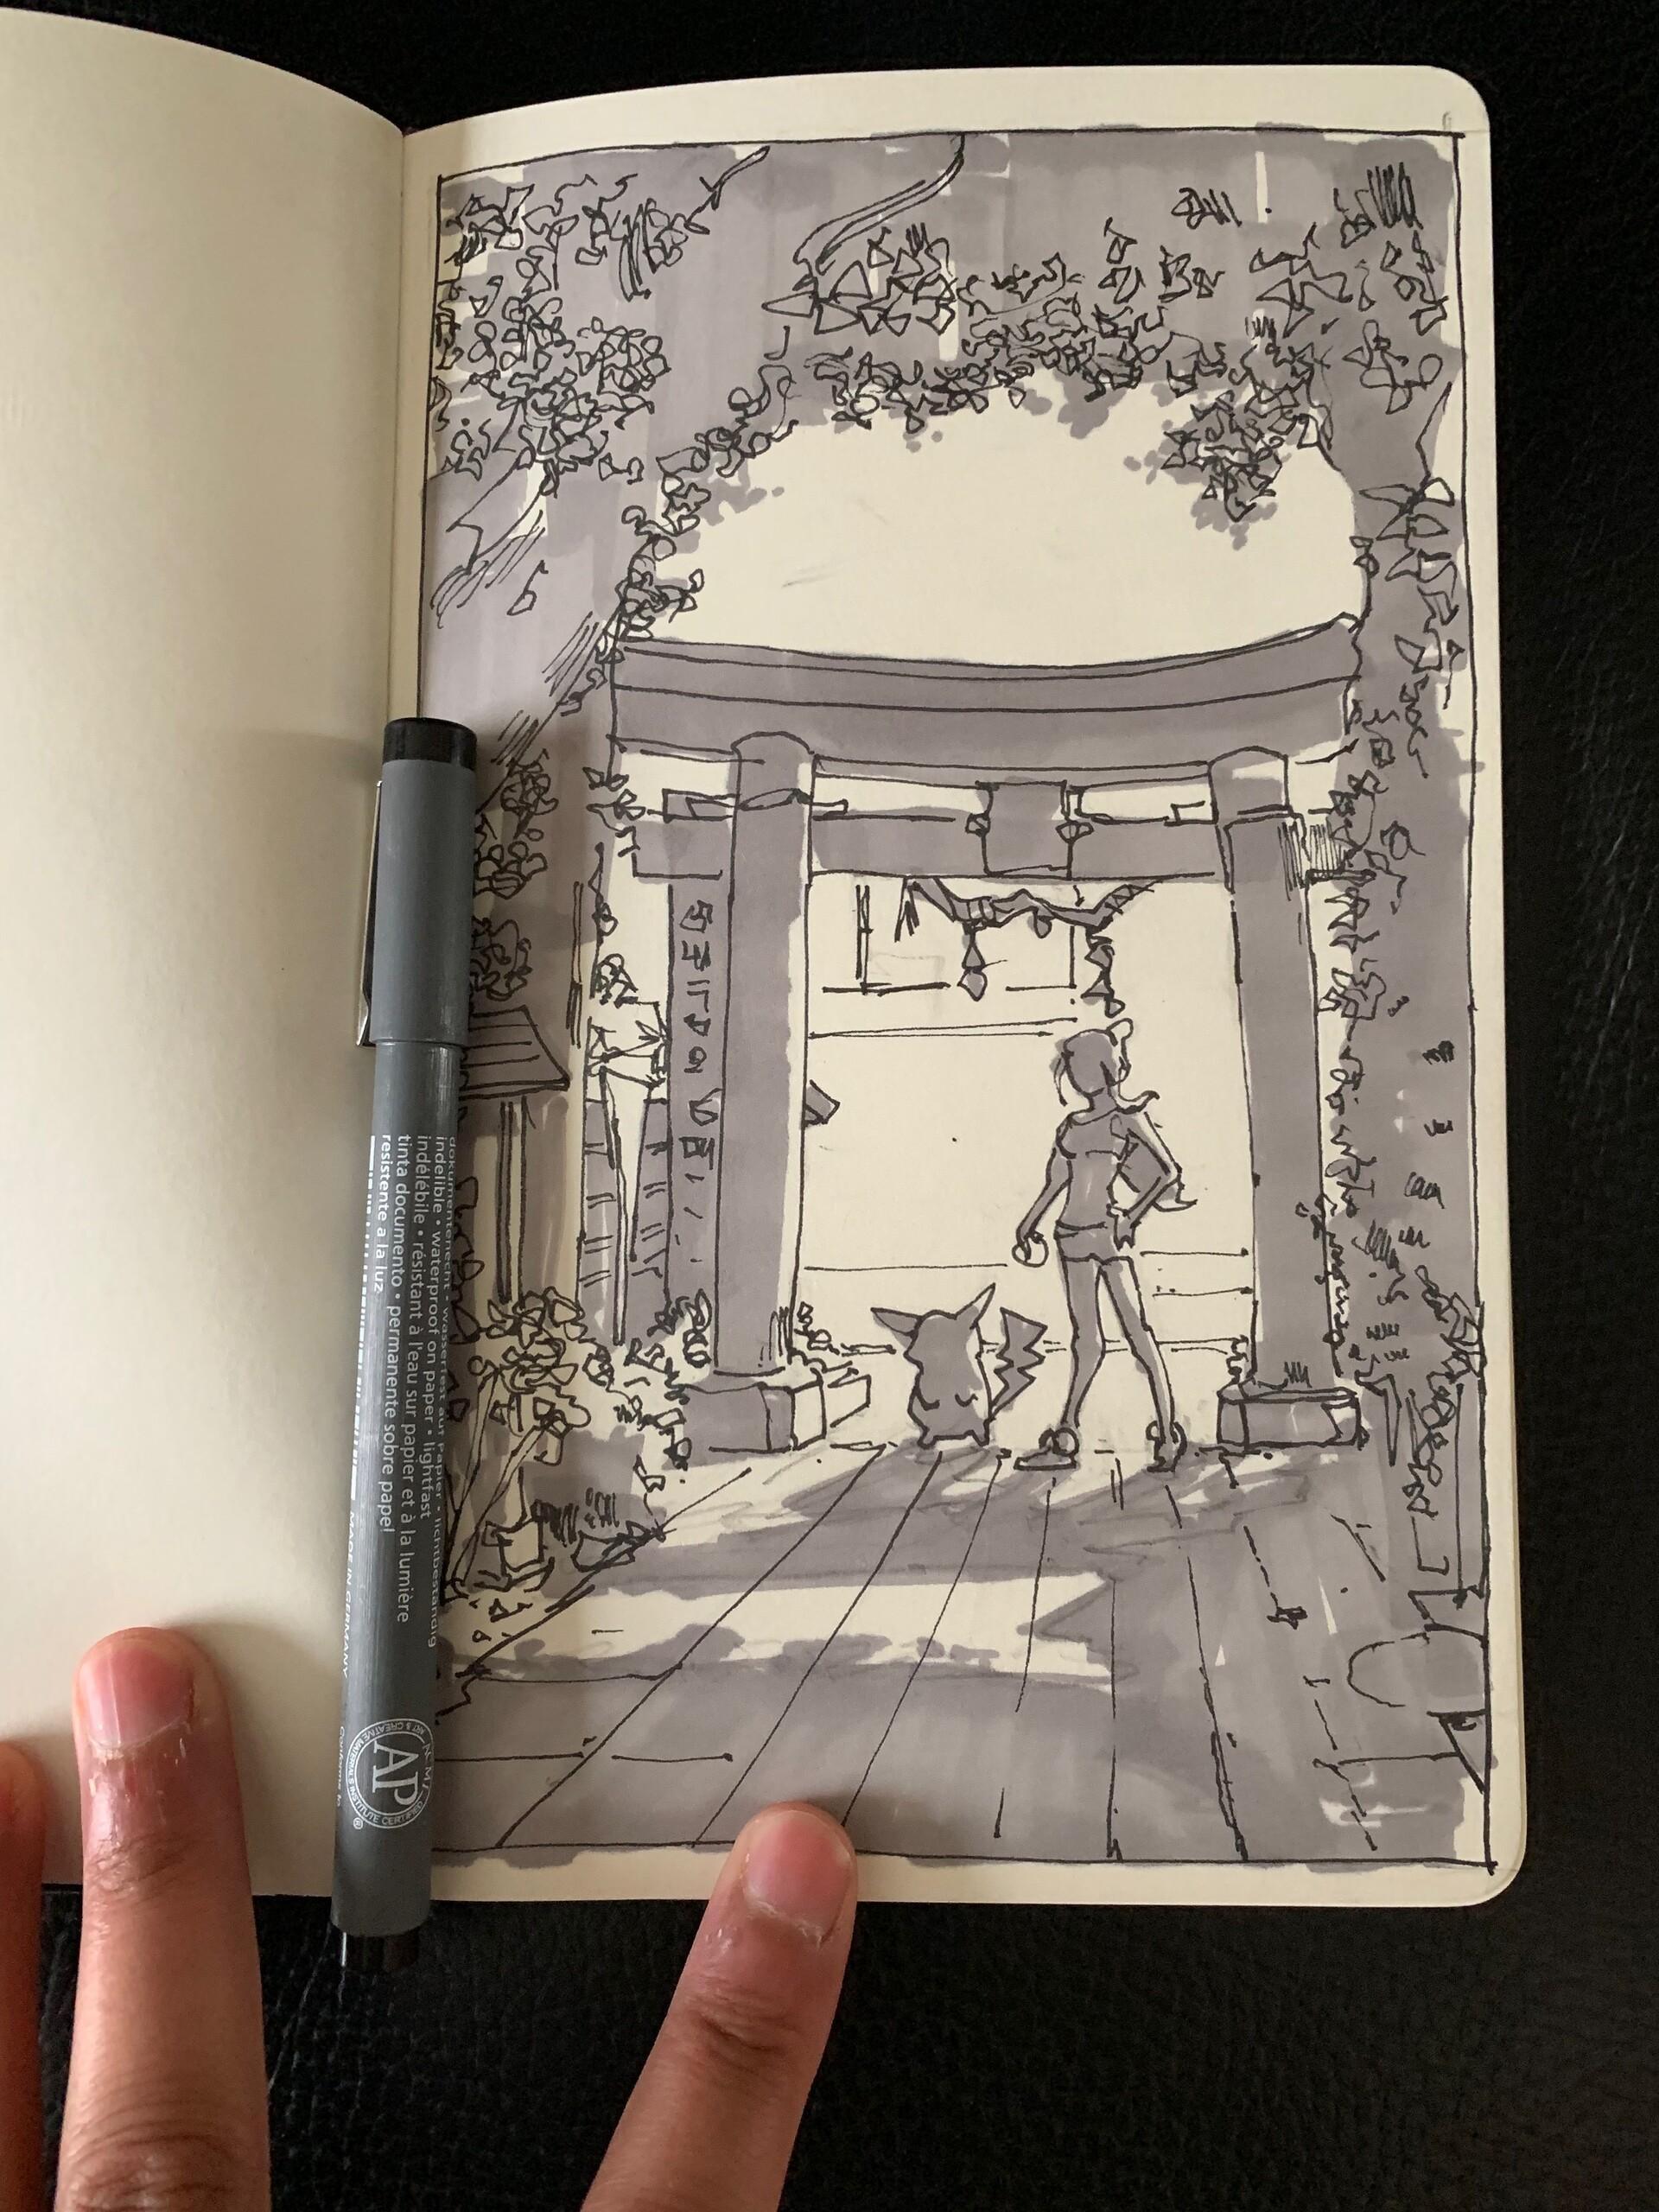 thumbnail in sketchbook